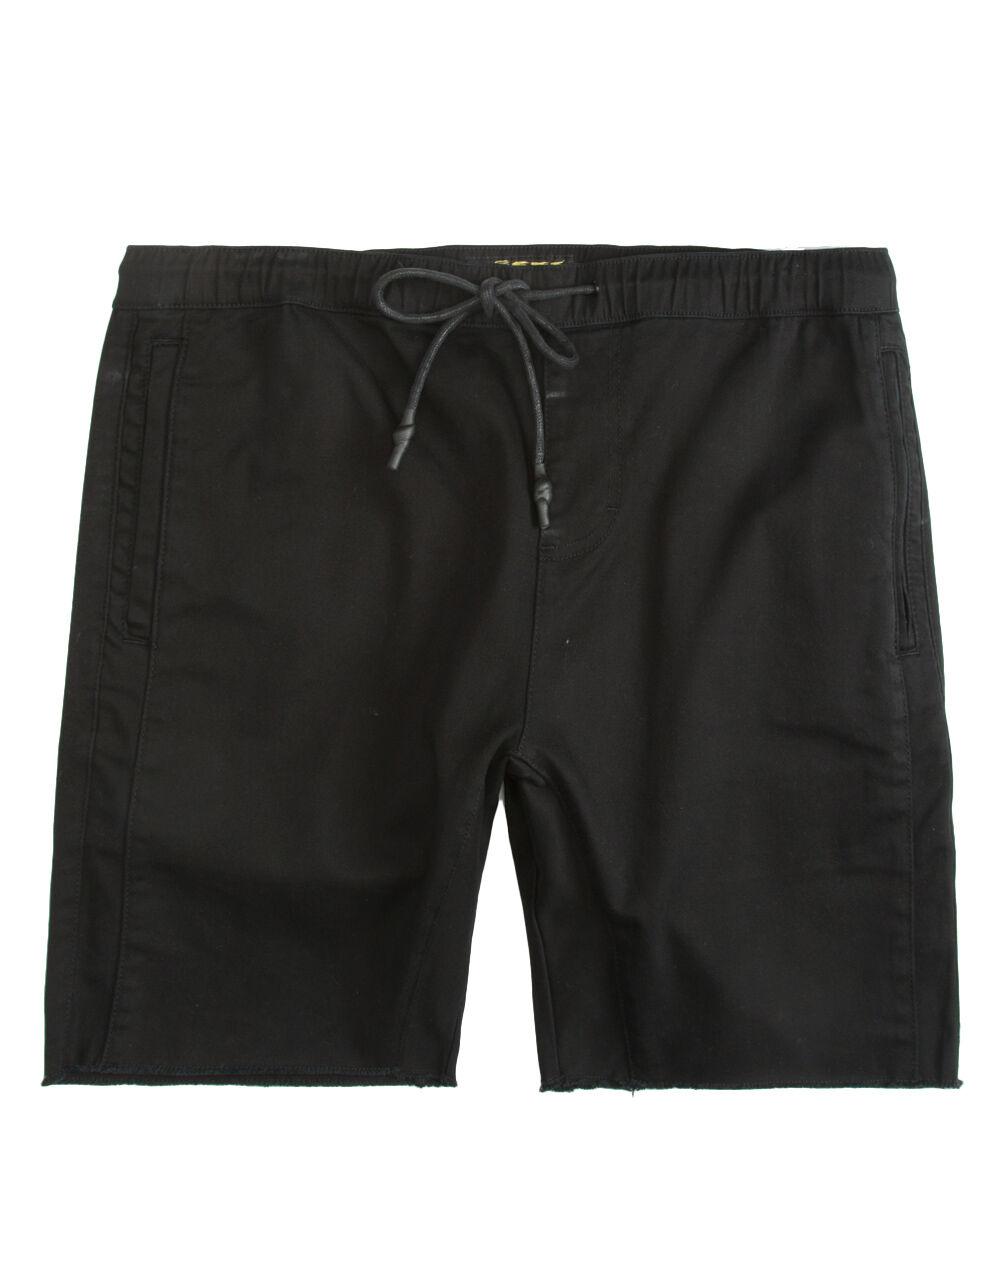 Image of CRASH TWILL BLACK JOGGER SHORTS